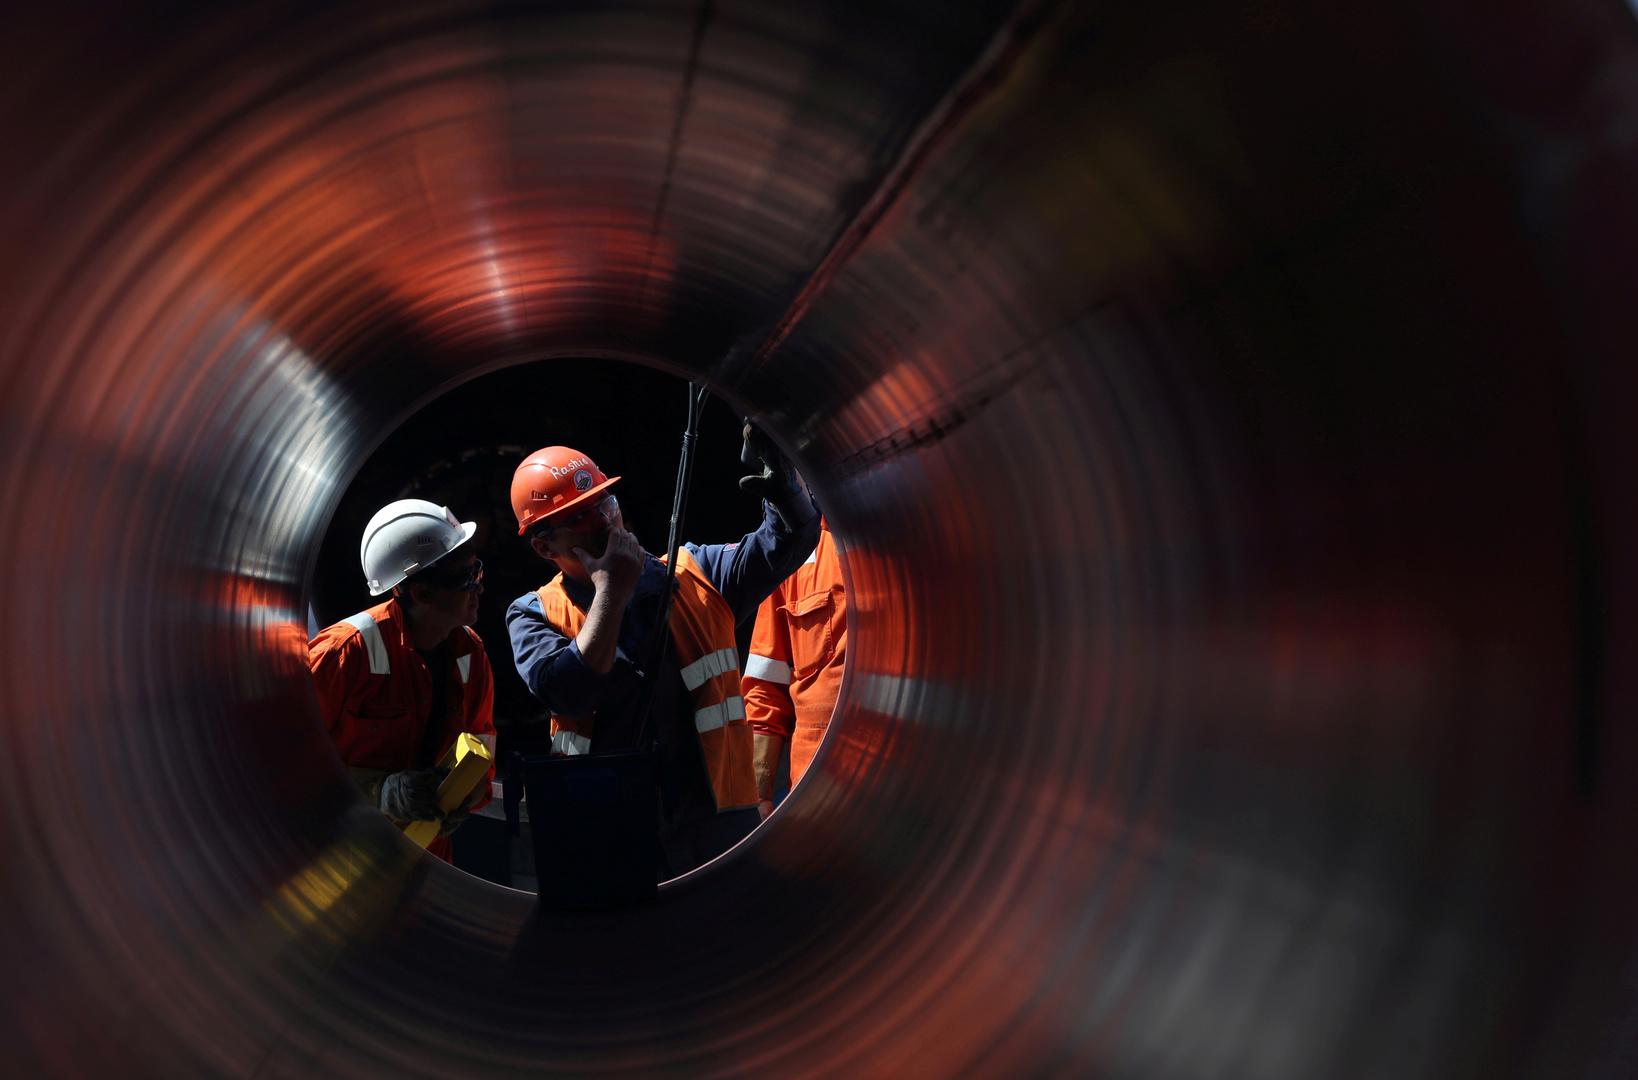 ما هي توقعات إنتاج الغاز في العالم حتى 2040؟